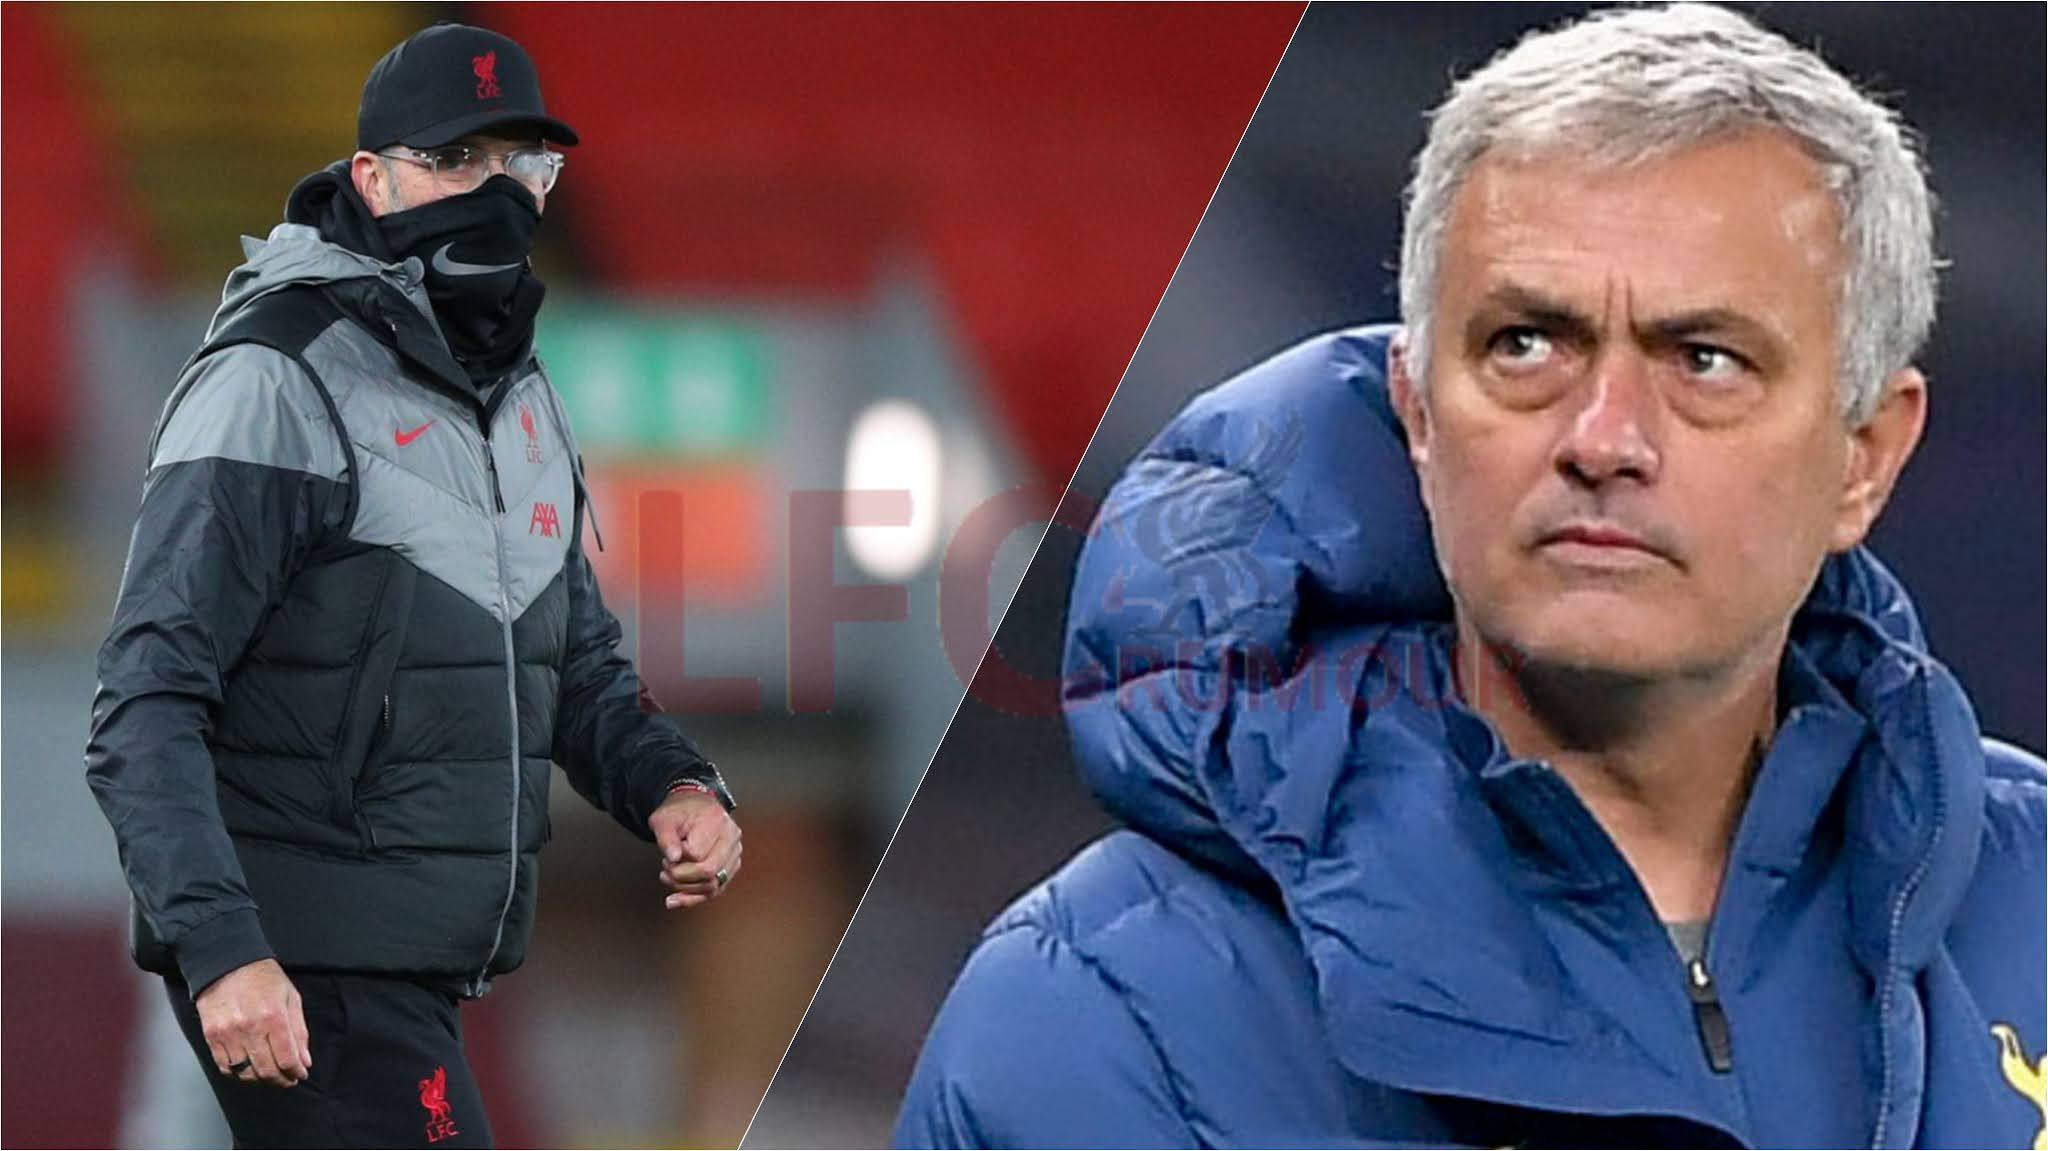 Jose Mourinho tells Jurgen Klopp to adapt to hectic Premier League fixture schedule.